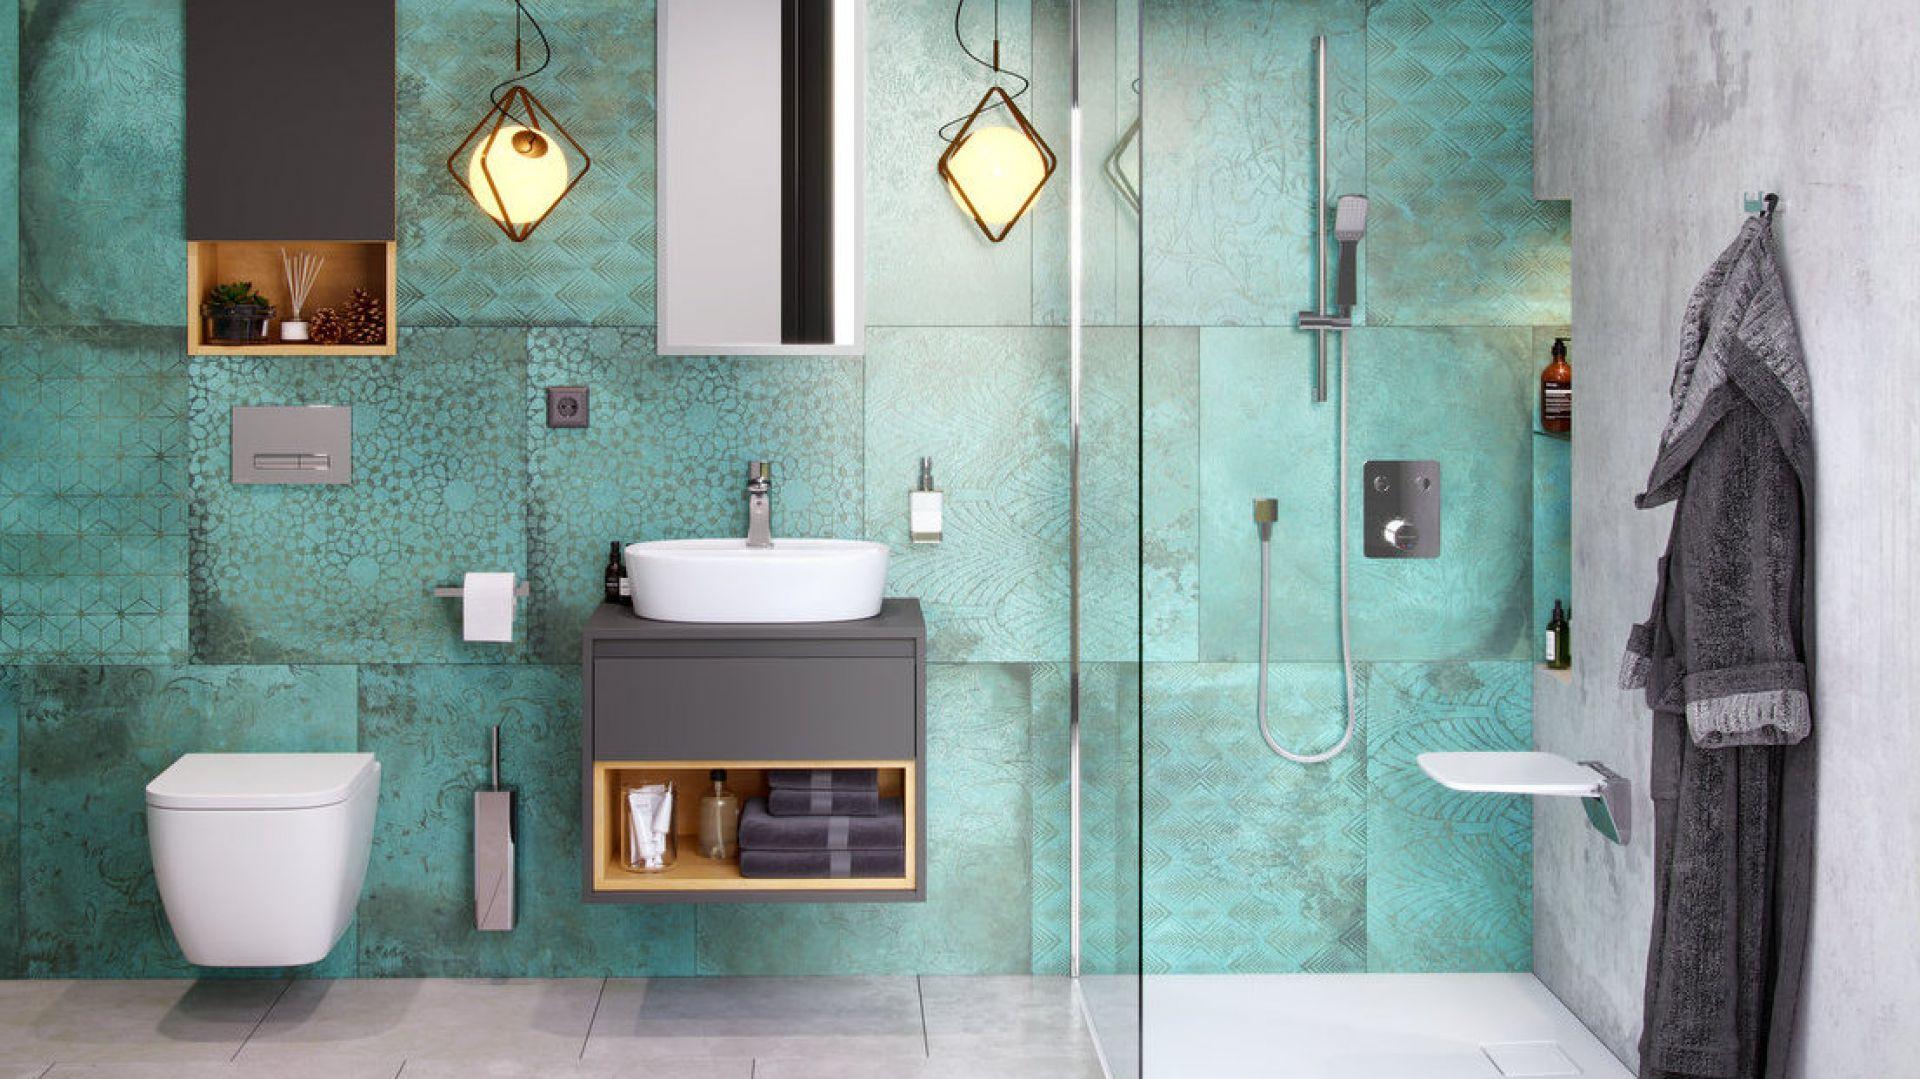 Siedzisko prysznicowe Seduro dostępne w ofercie firmy Excellent. Fot. Excellent